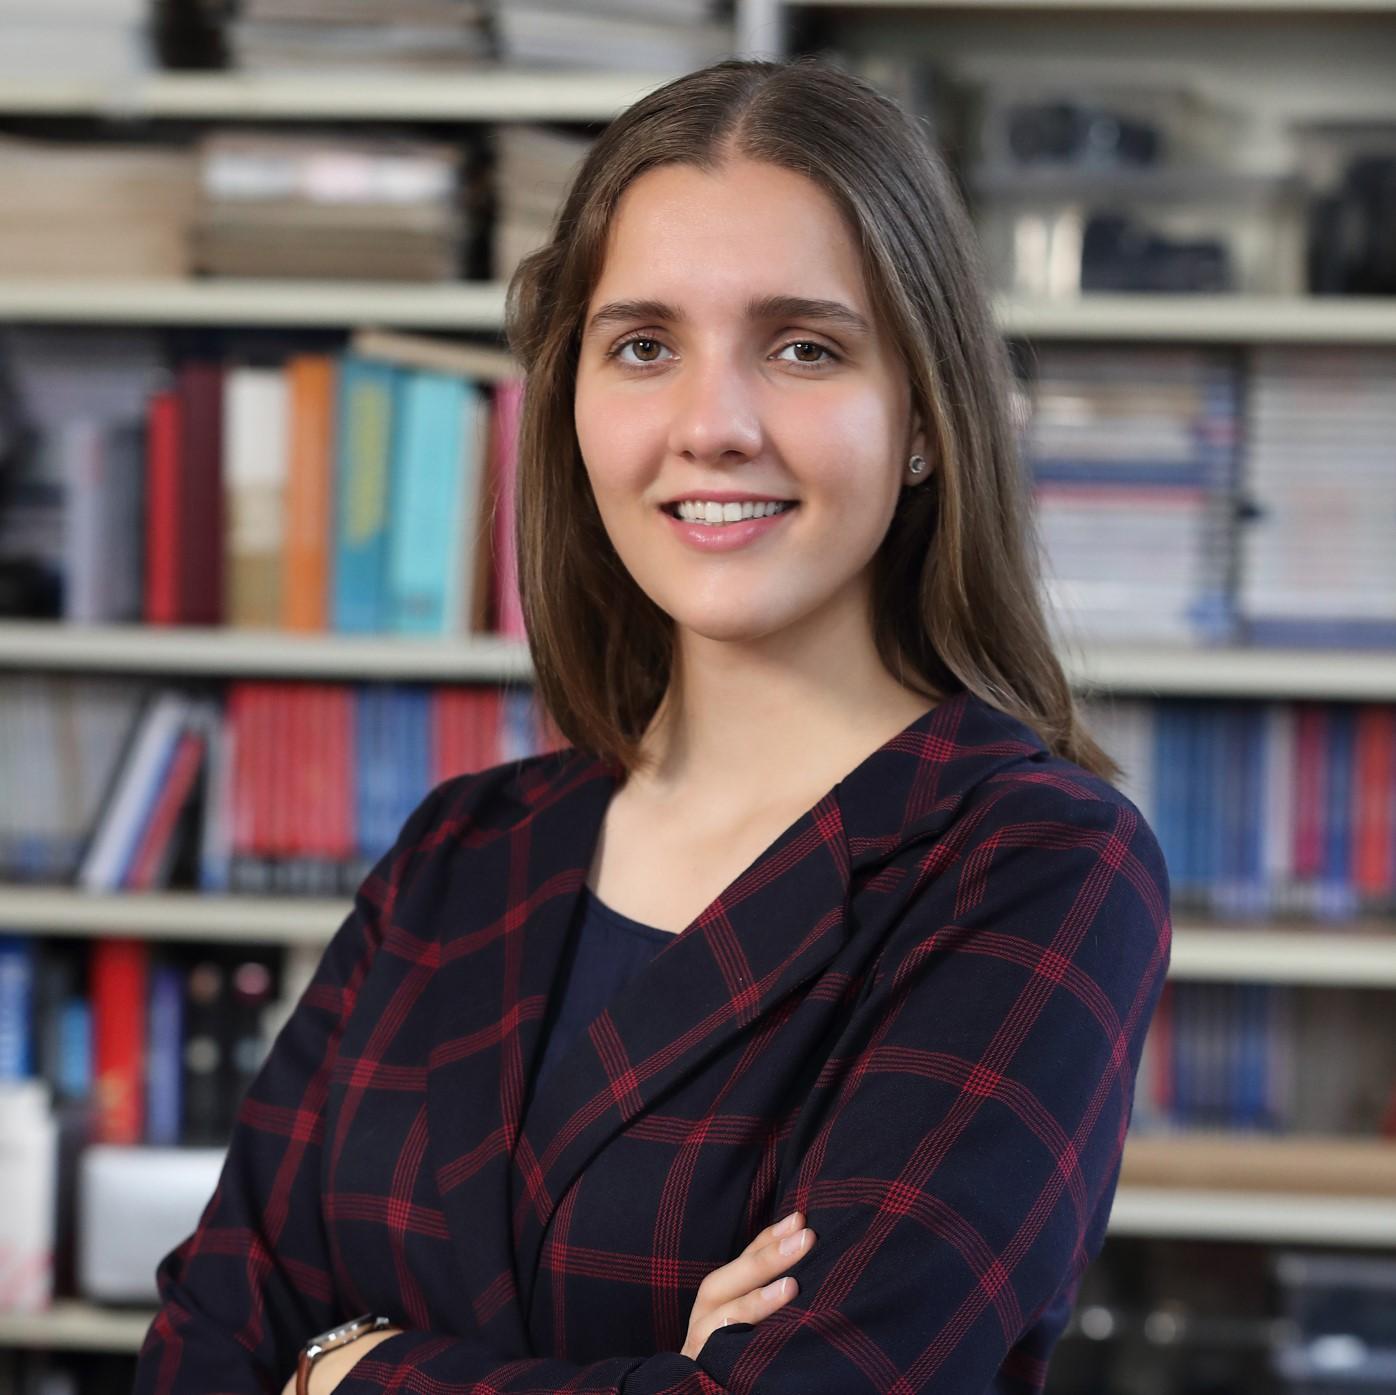 Klara Ivic